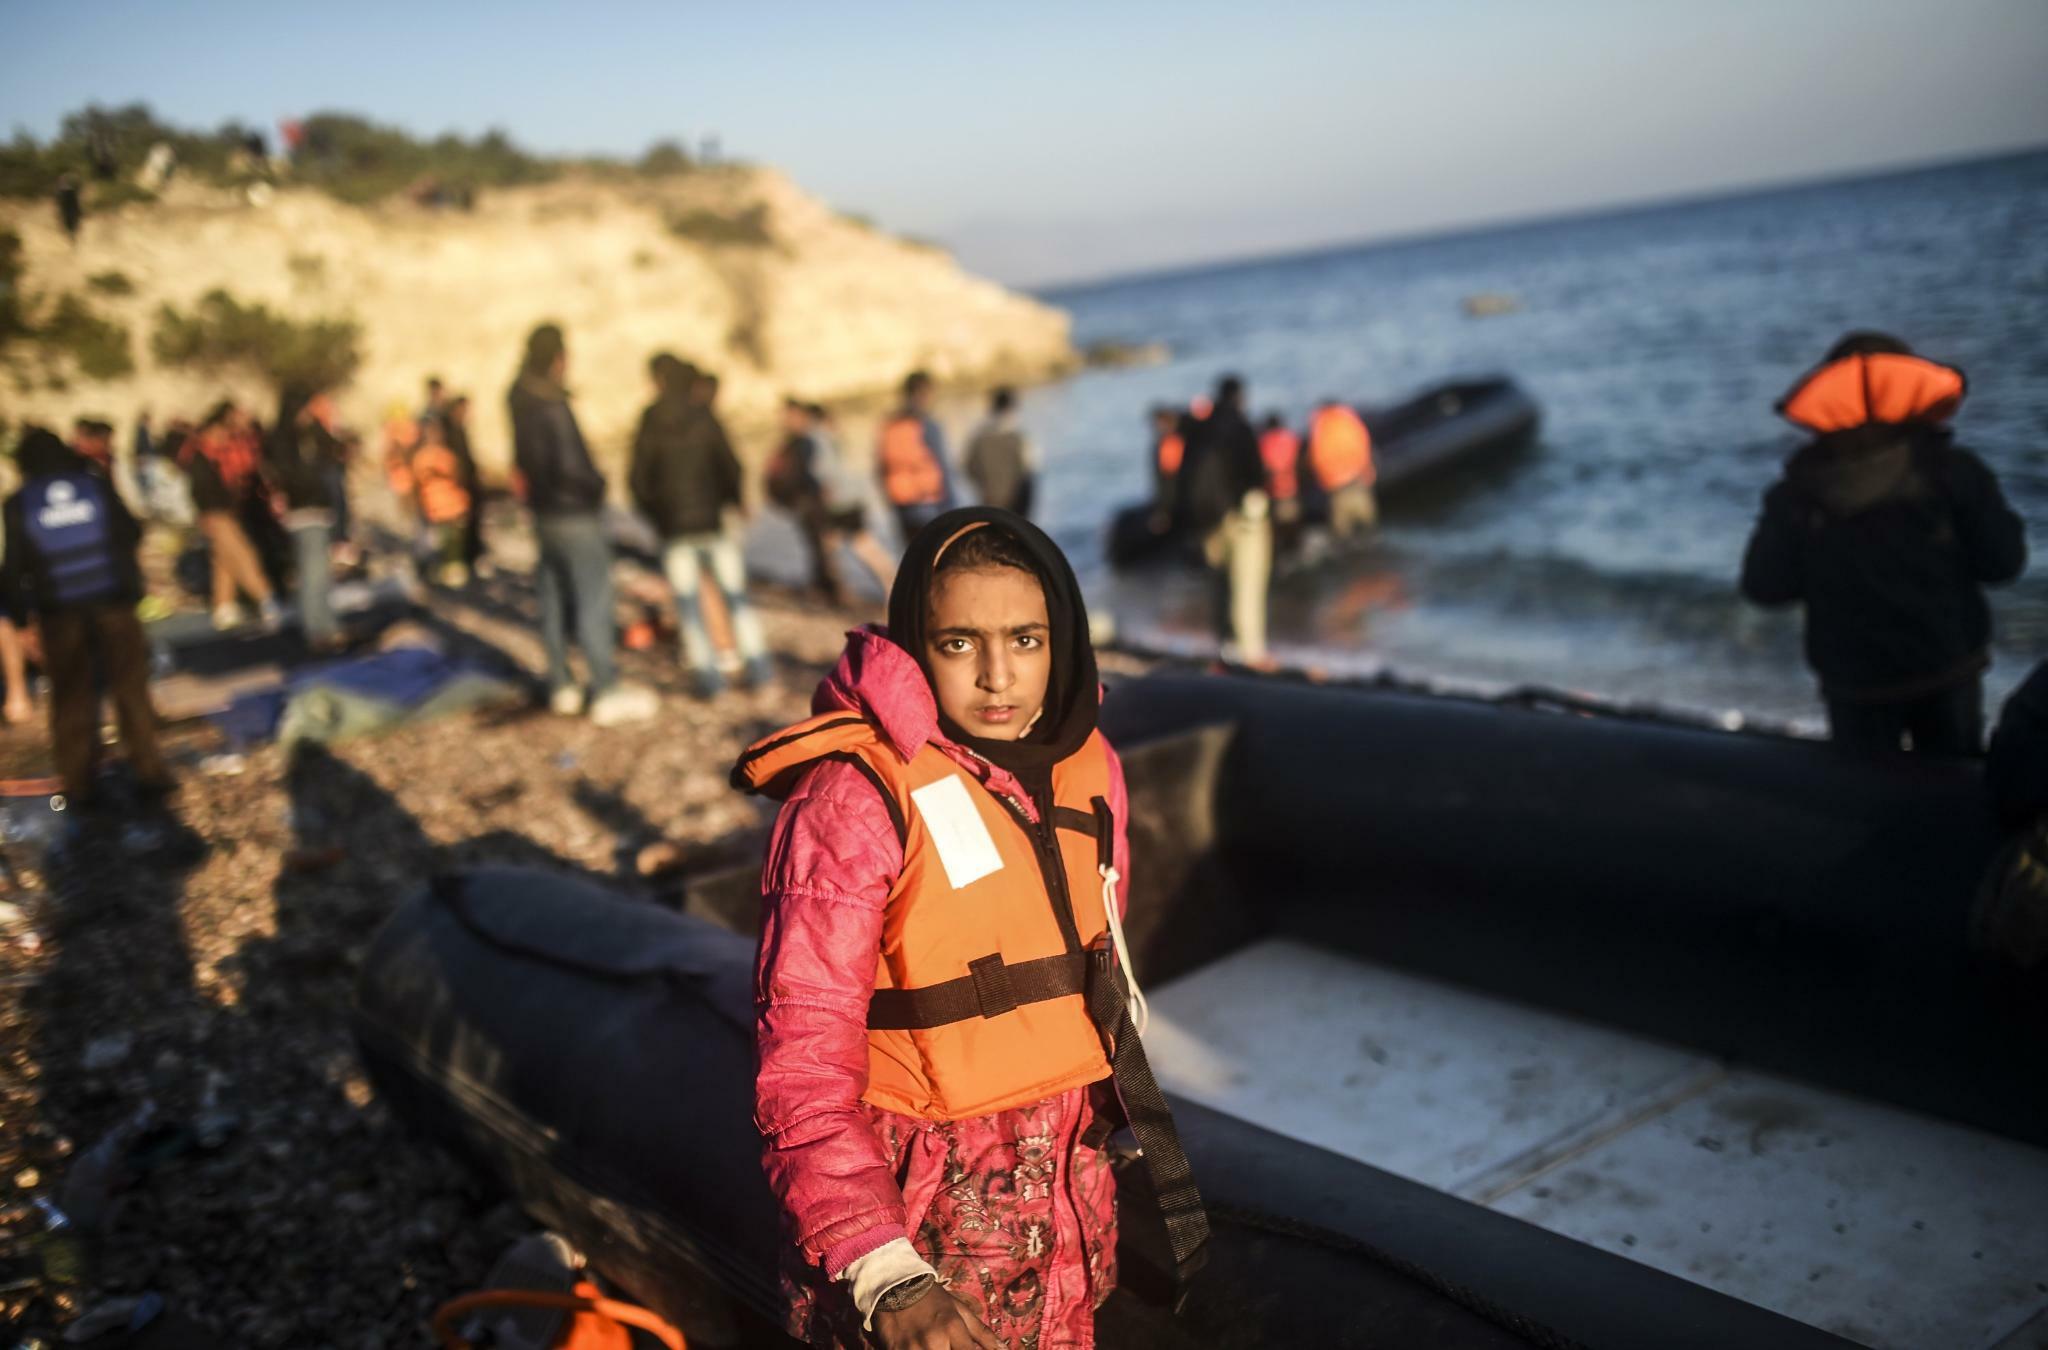 Mehr als 300 Migranten in Griechenland angekommen